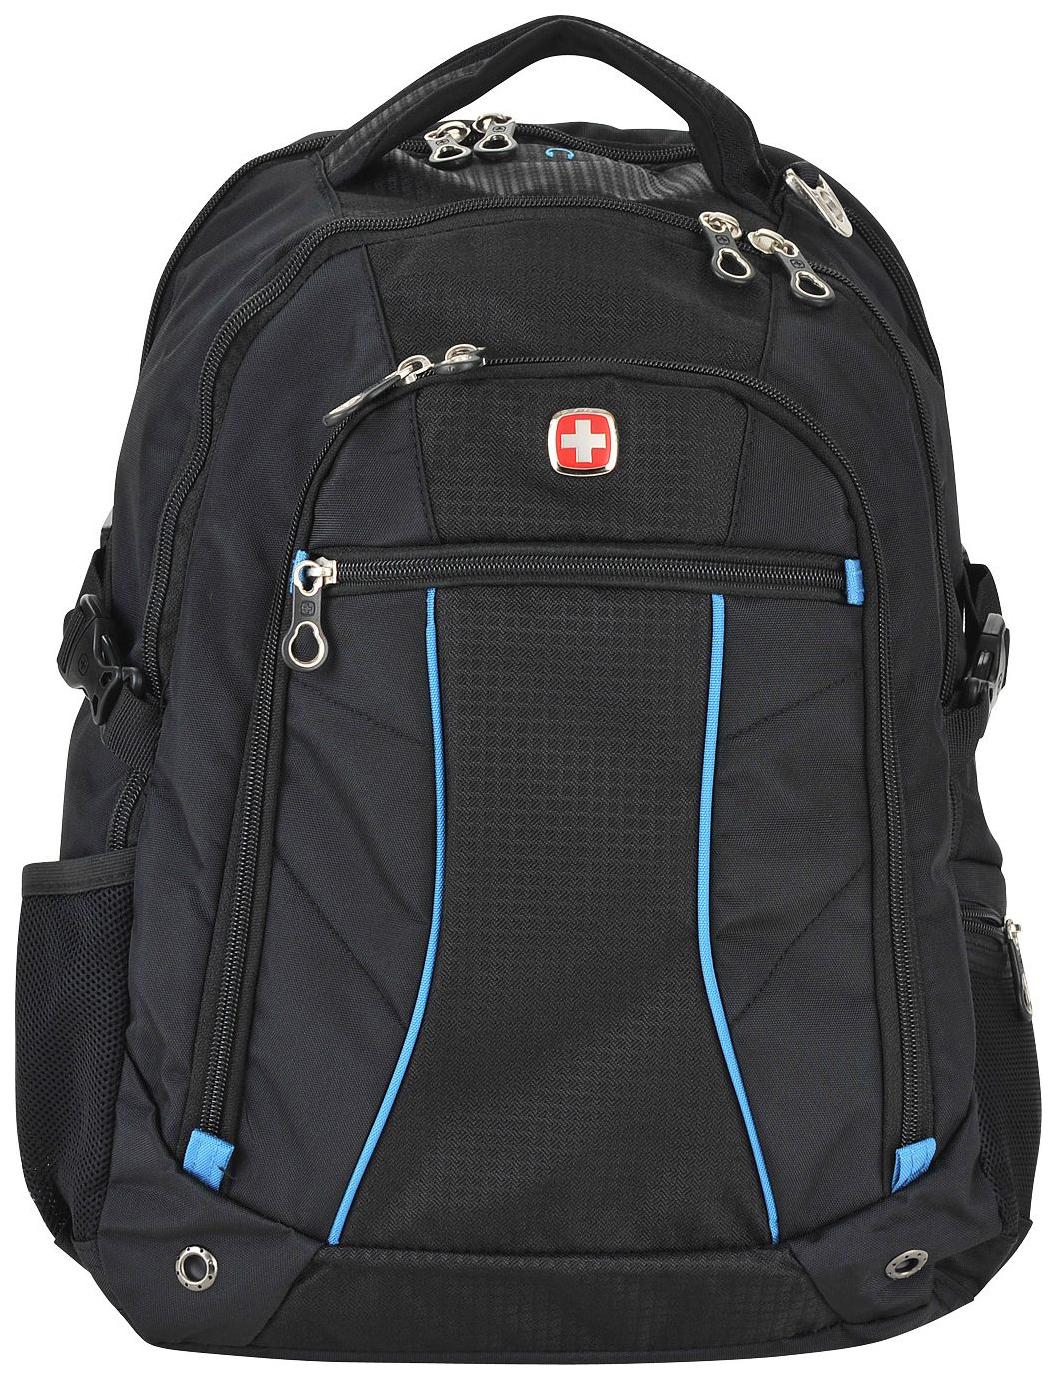 Рюкзак Swissgear 3118203408 черный 32 л